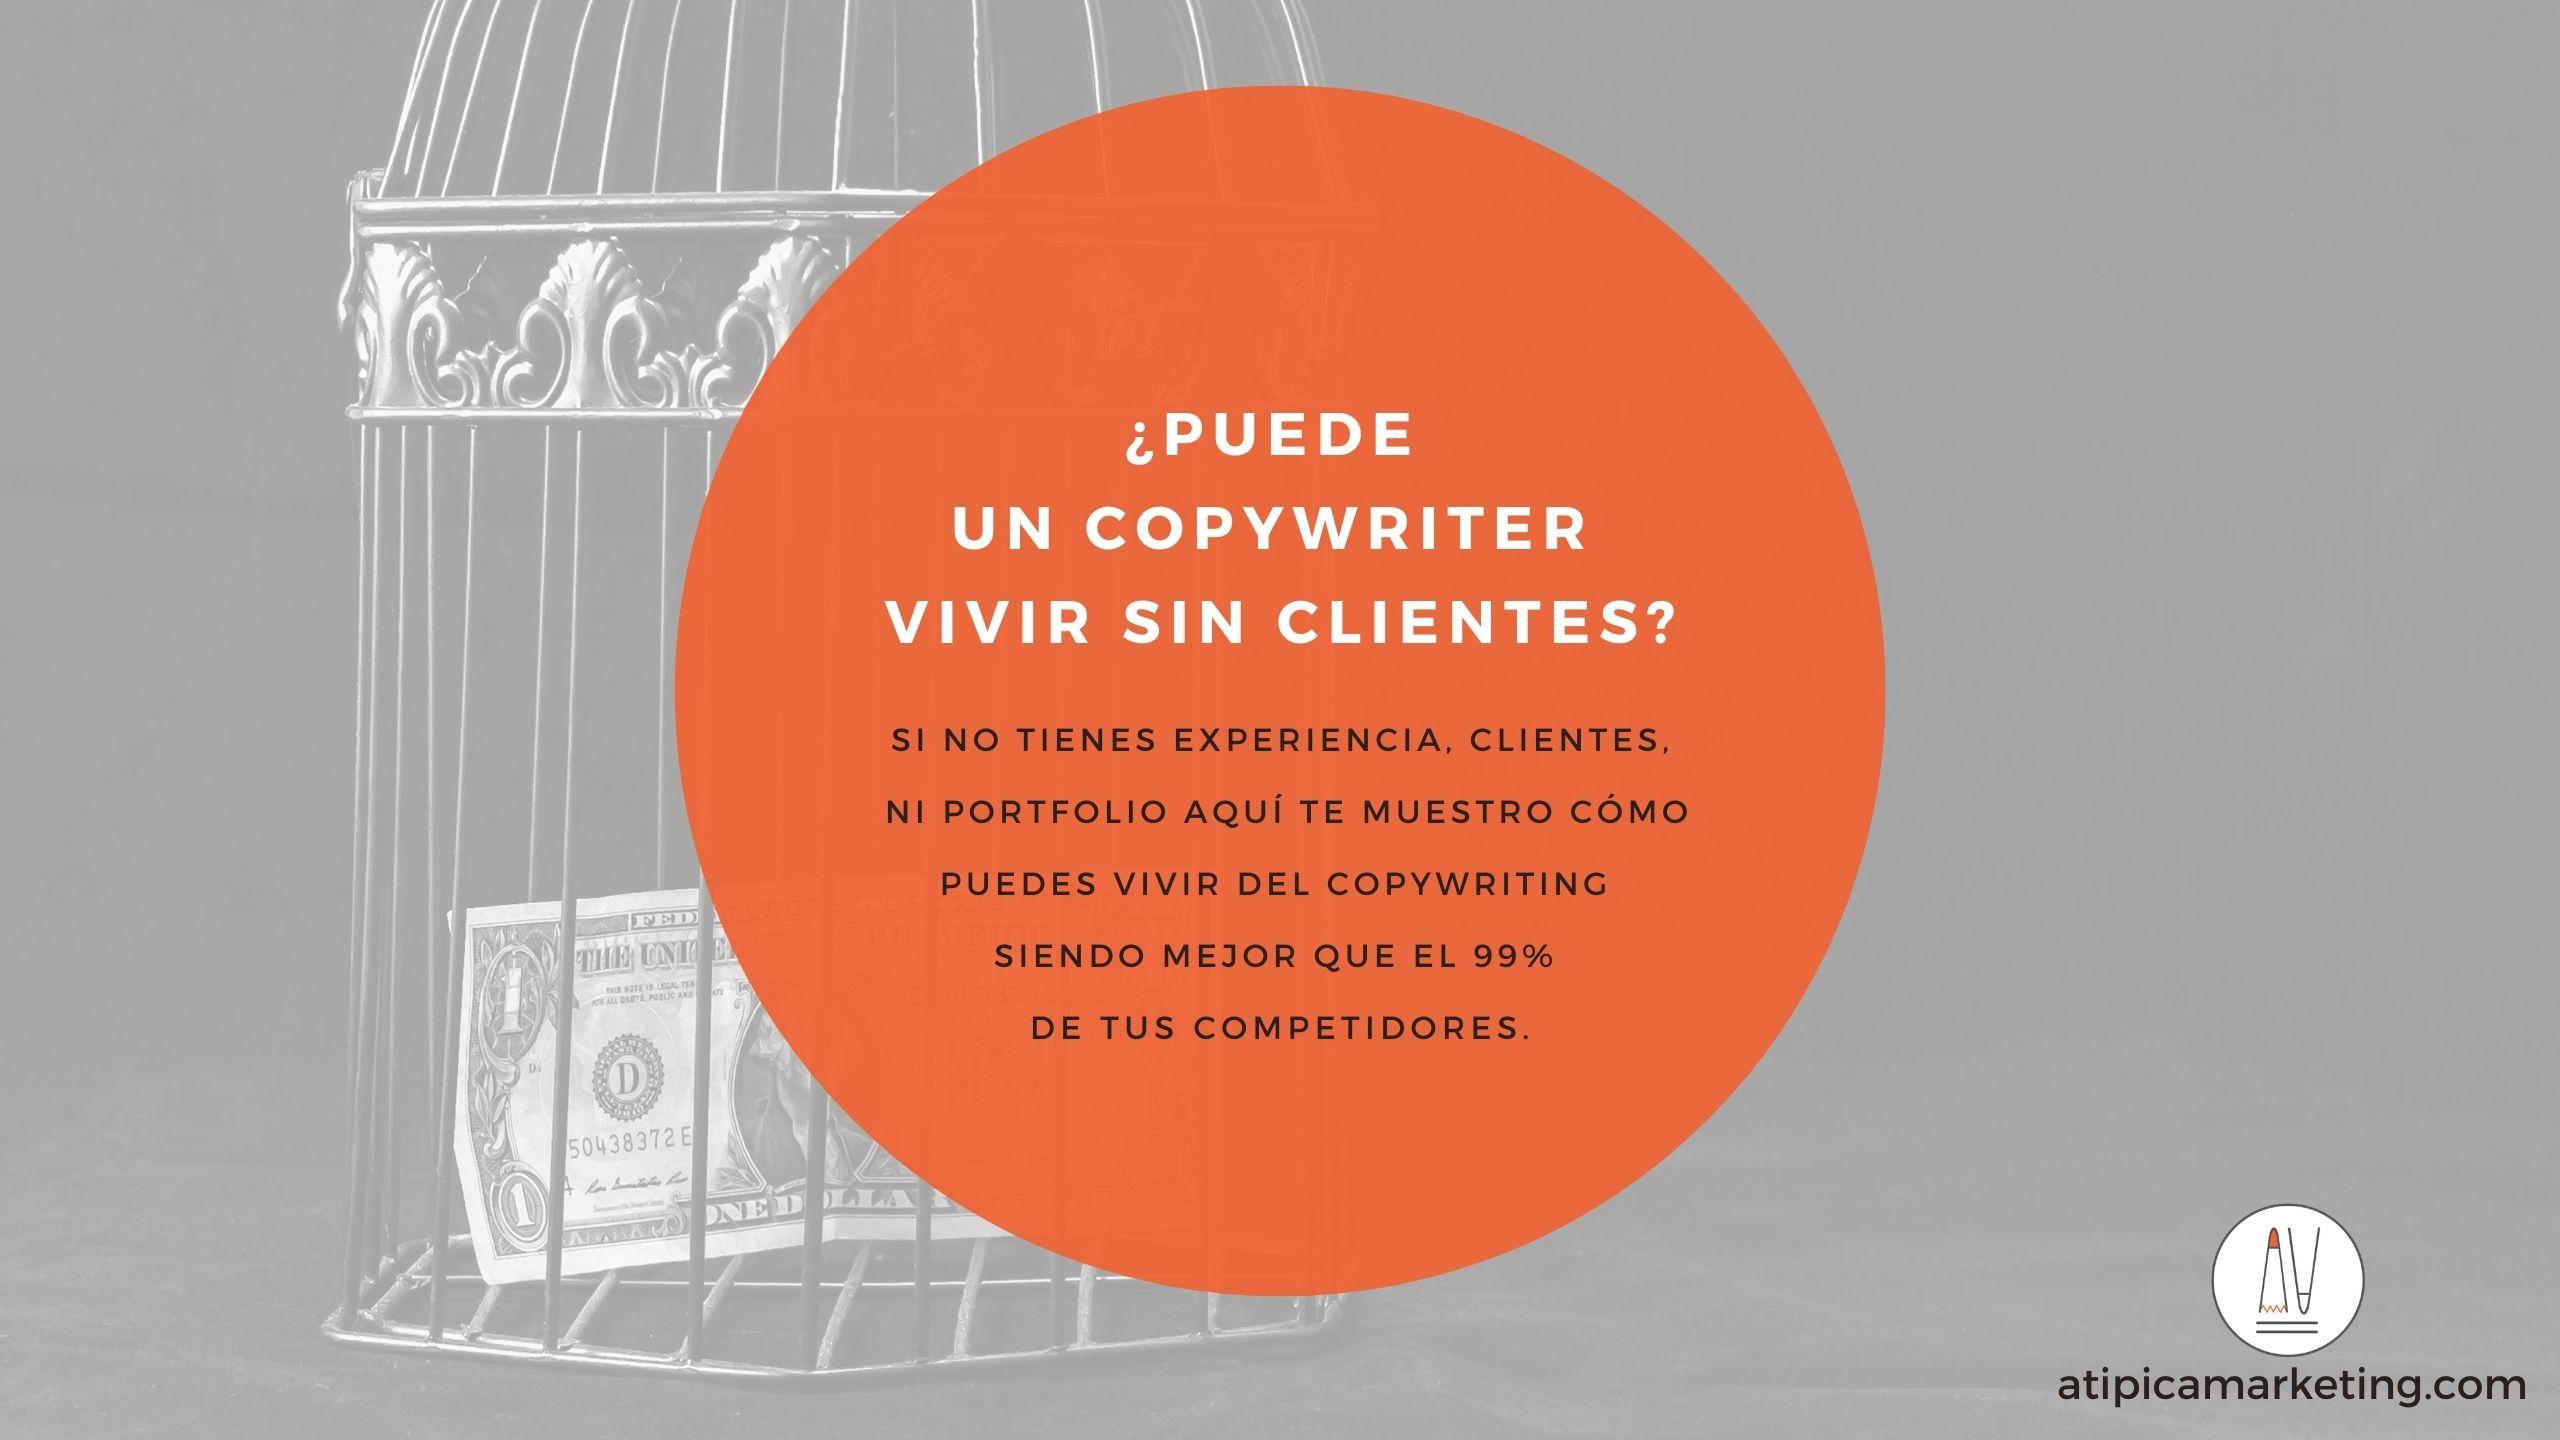 Vivir sin clientes como copywriter